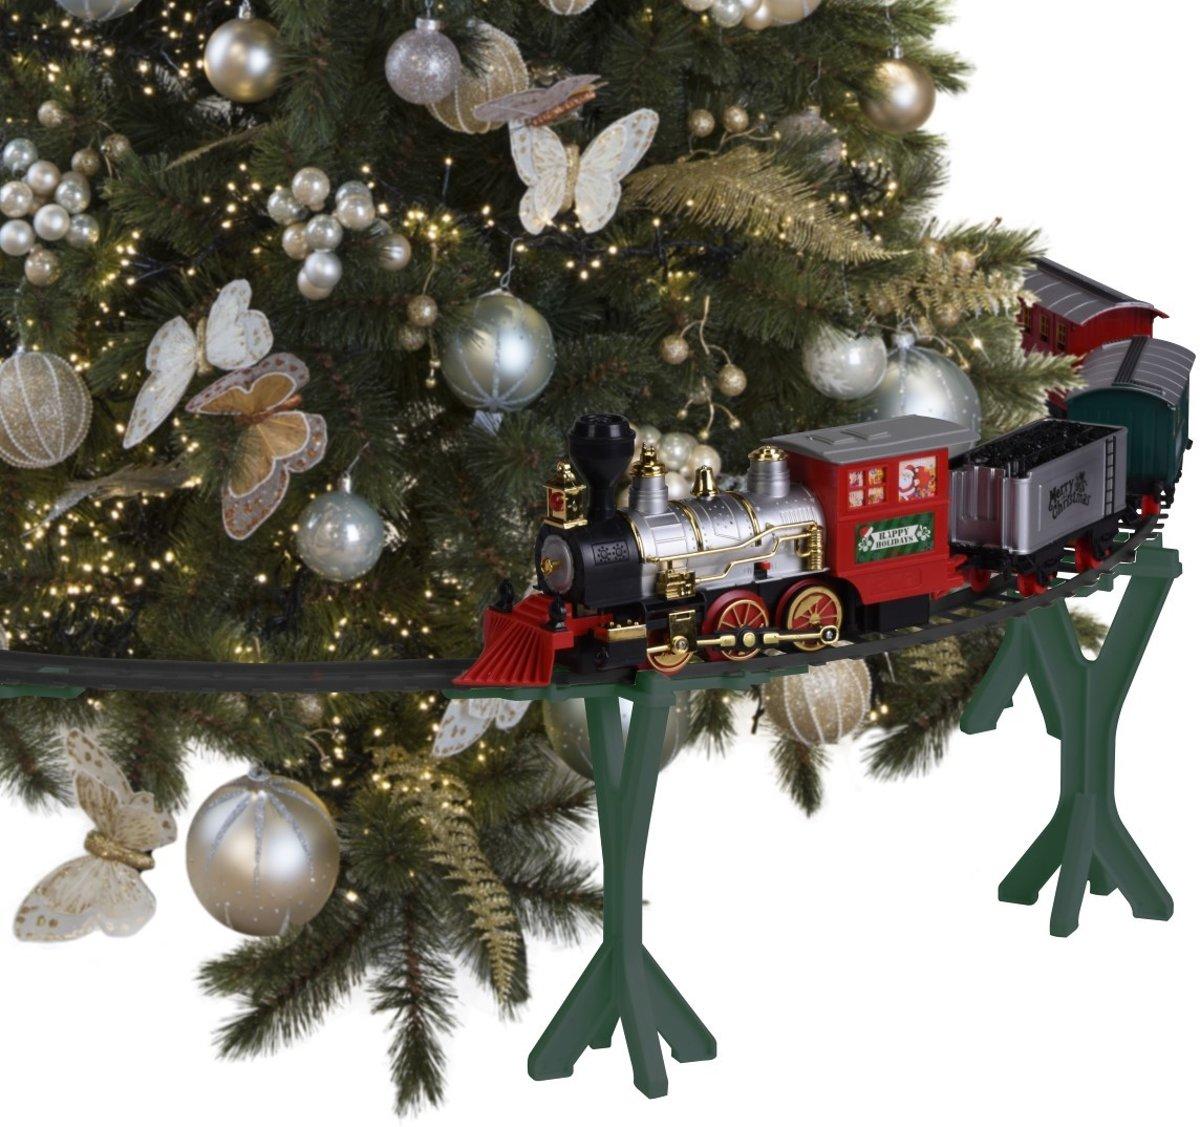 Kersttrein met licht en geluid kopen